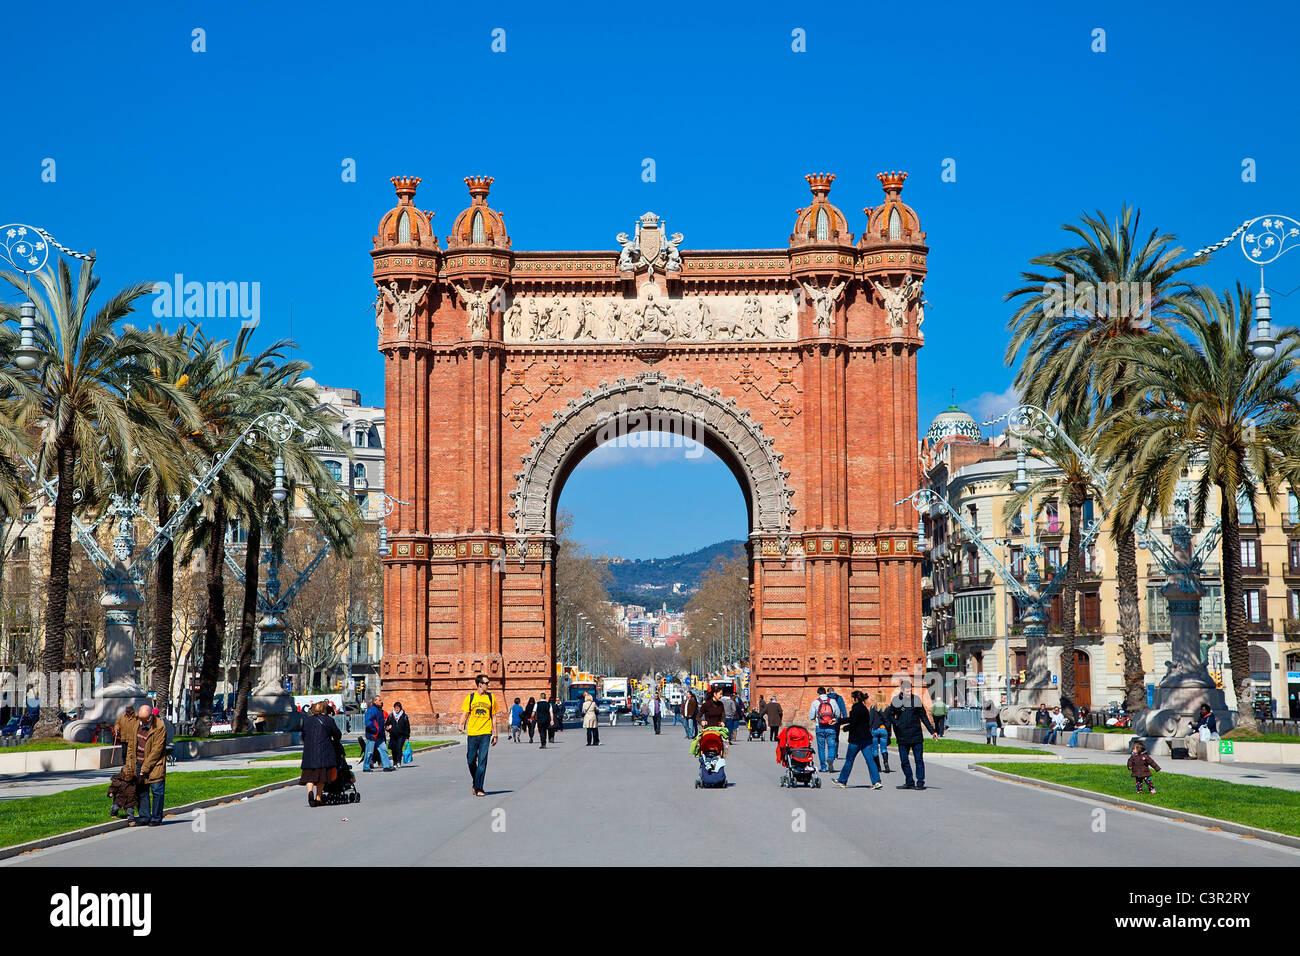 Barcelona, Arc del triomphe - Stock Image